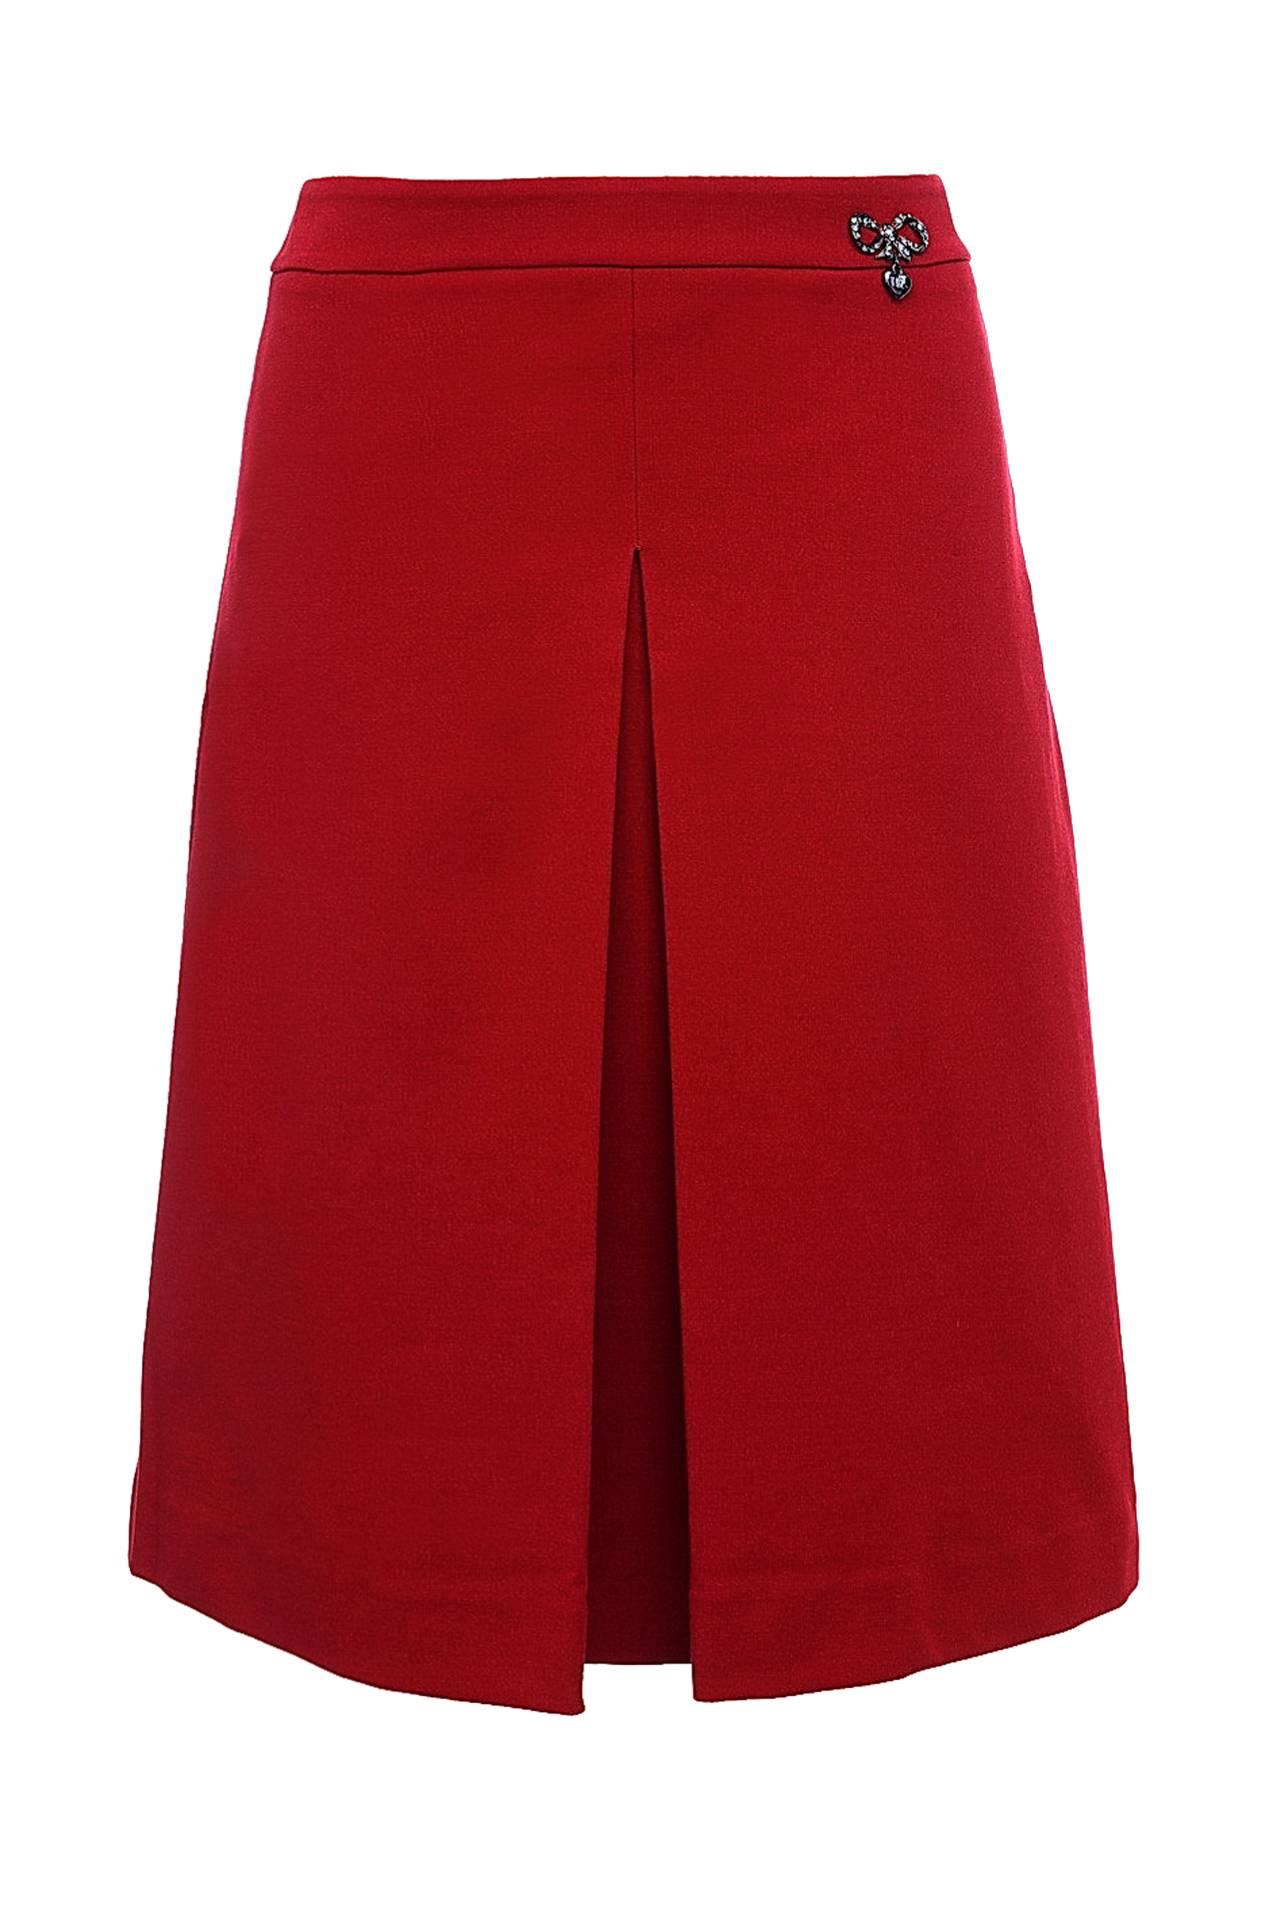 Как сшить юбку с одной складкой